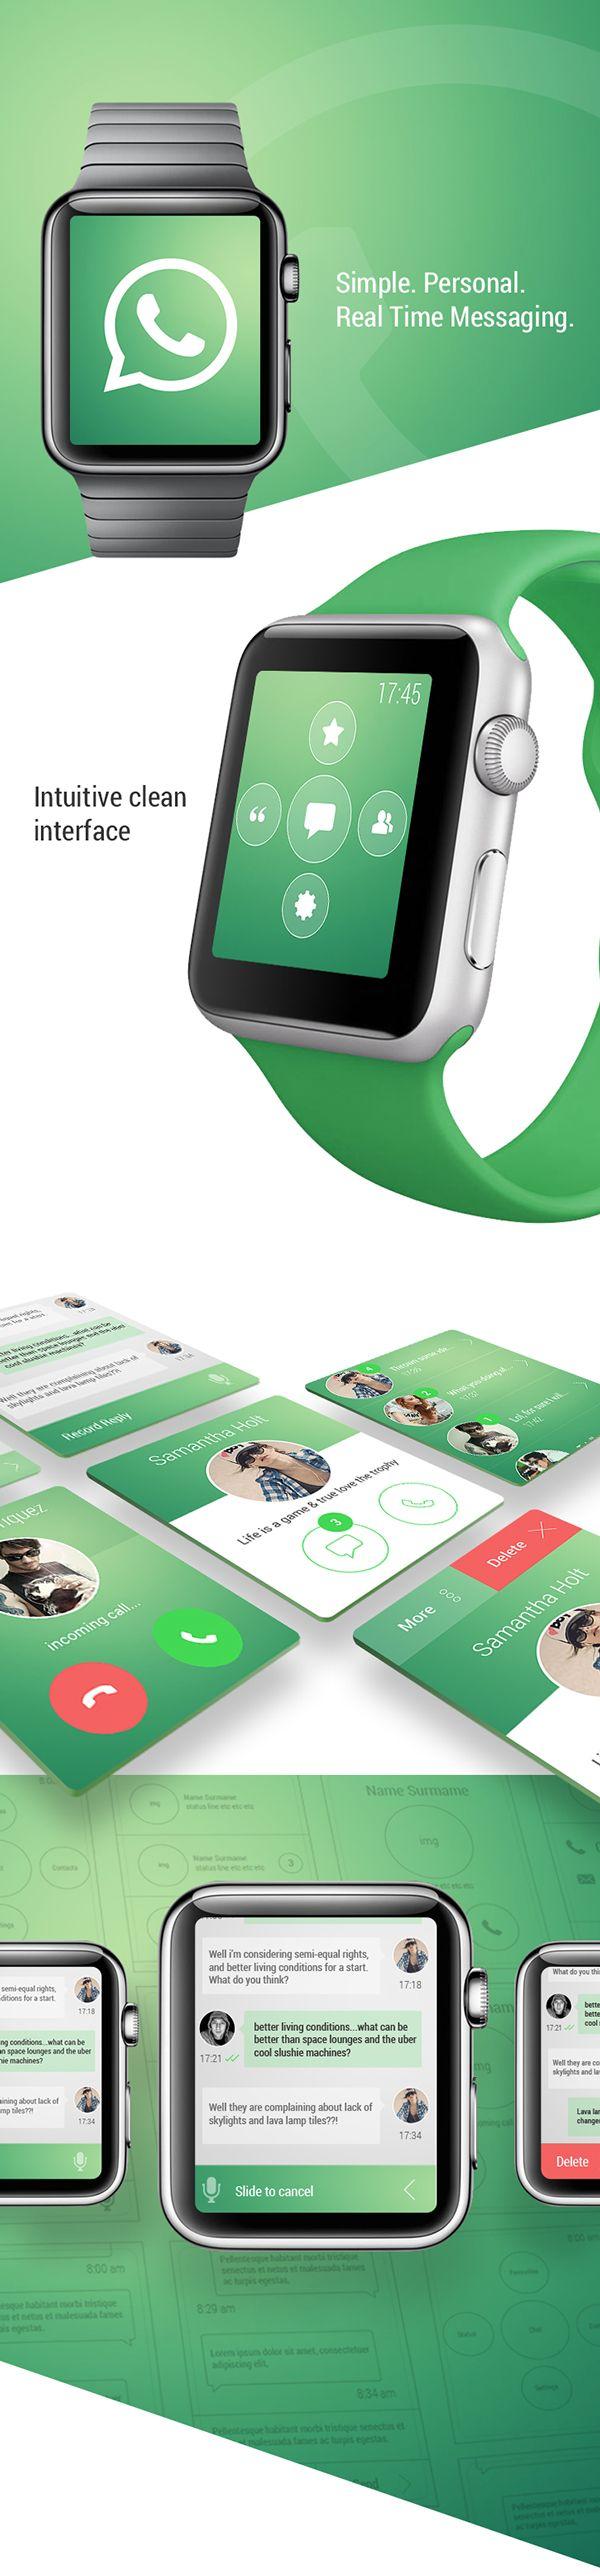 WhatsApp IWatch Concept On Behance Insp UIUX